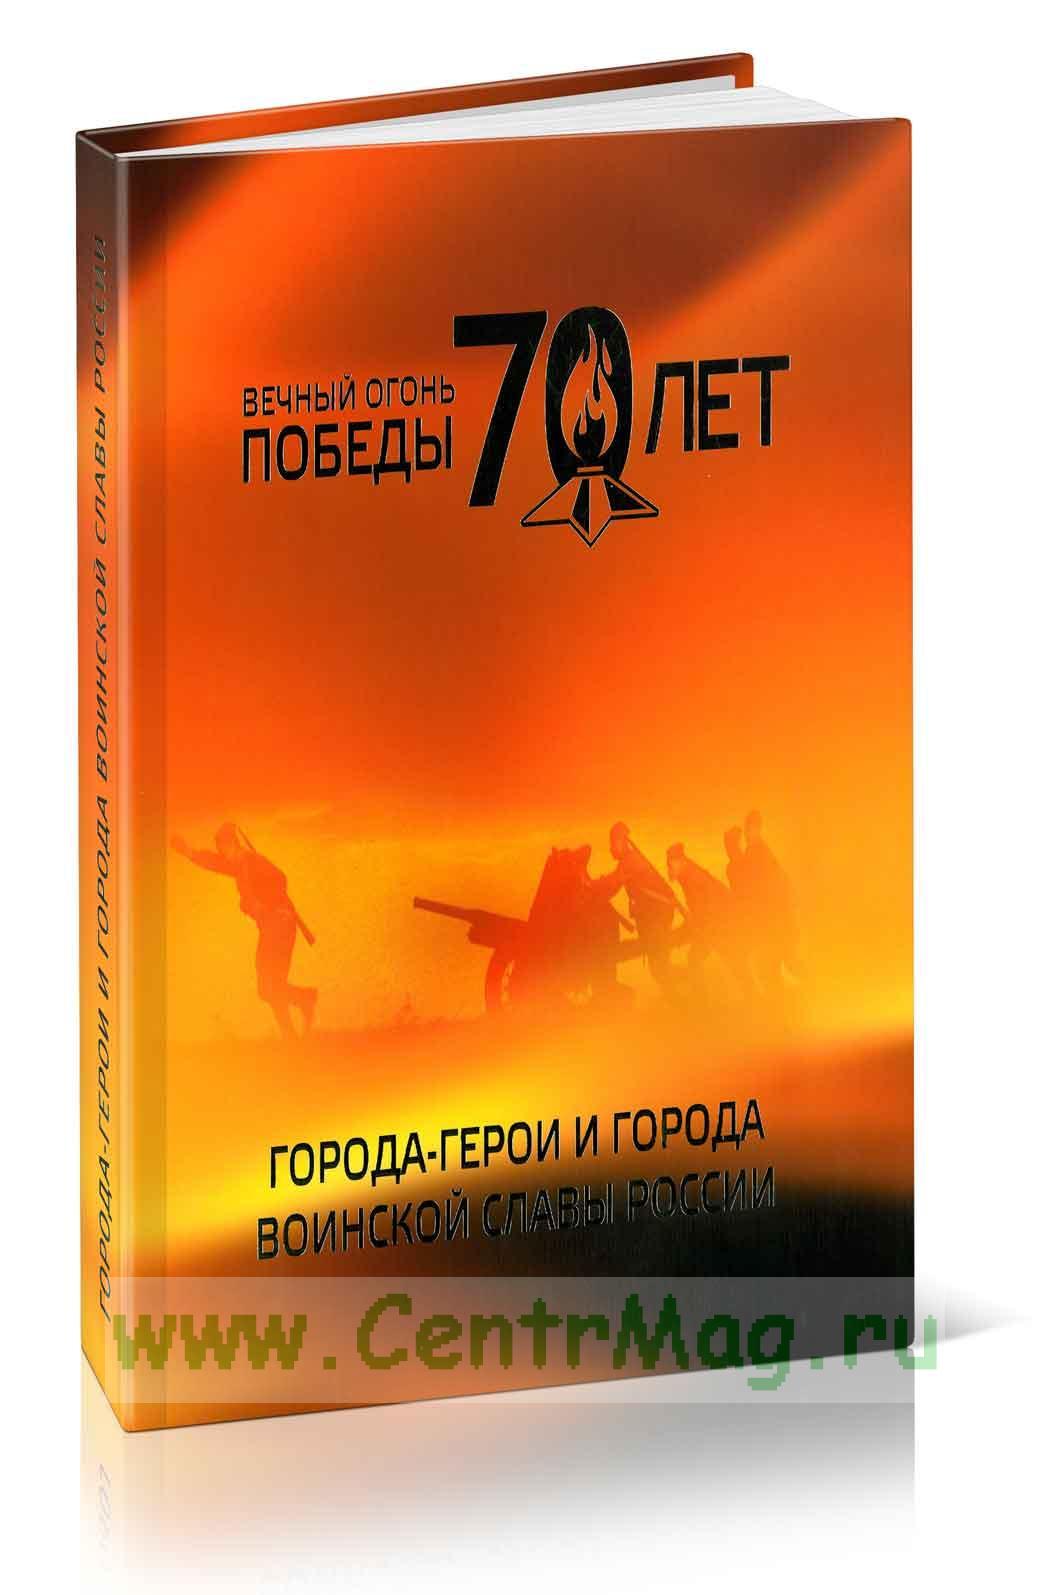 Вечный огонь победы. 70 лет. Города- герои и города воинской славы России